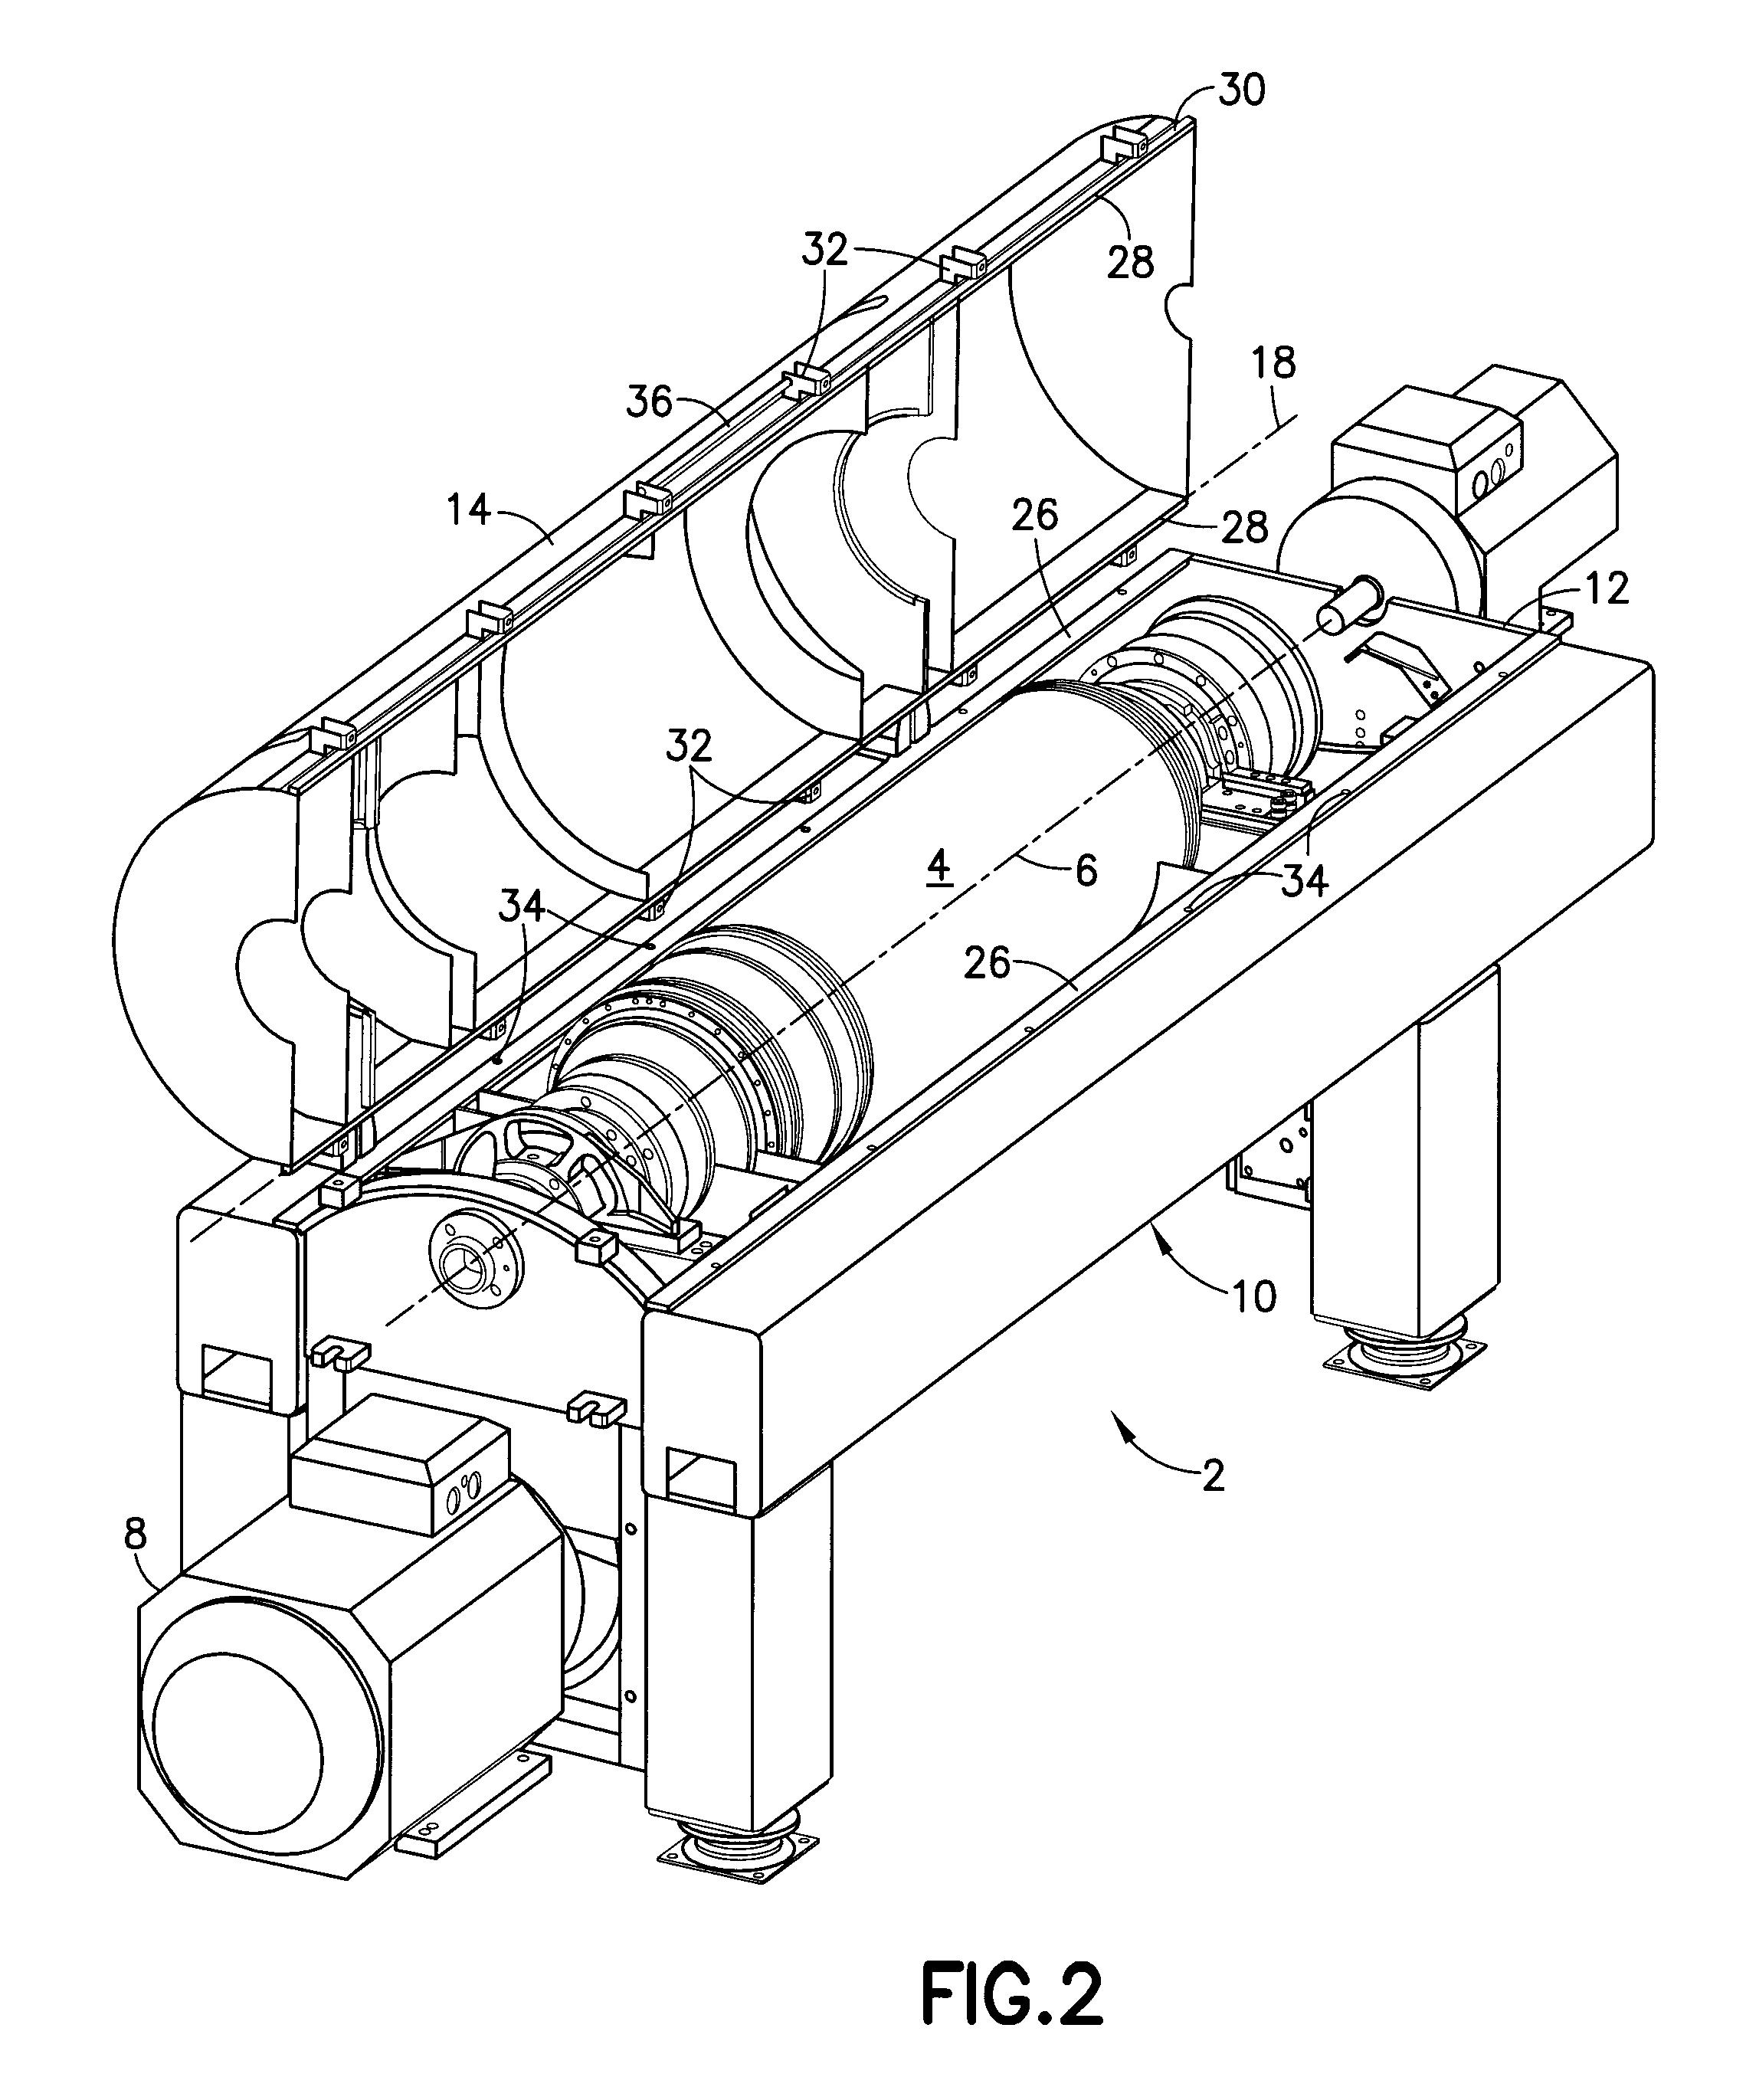 patent us8235882